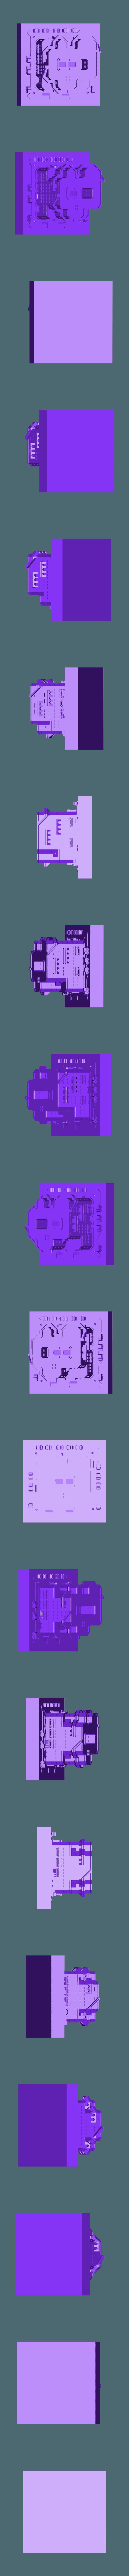 medium7.stl Télécharger fichier STL gratuit Bâtiments de procédure • Design pour impression 3D, ferjerez3d